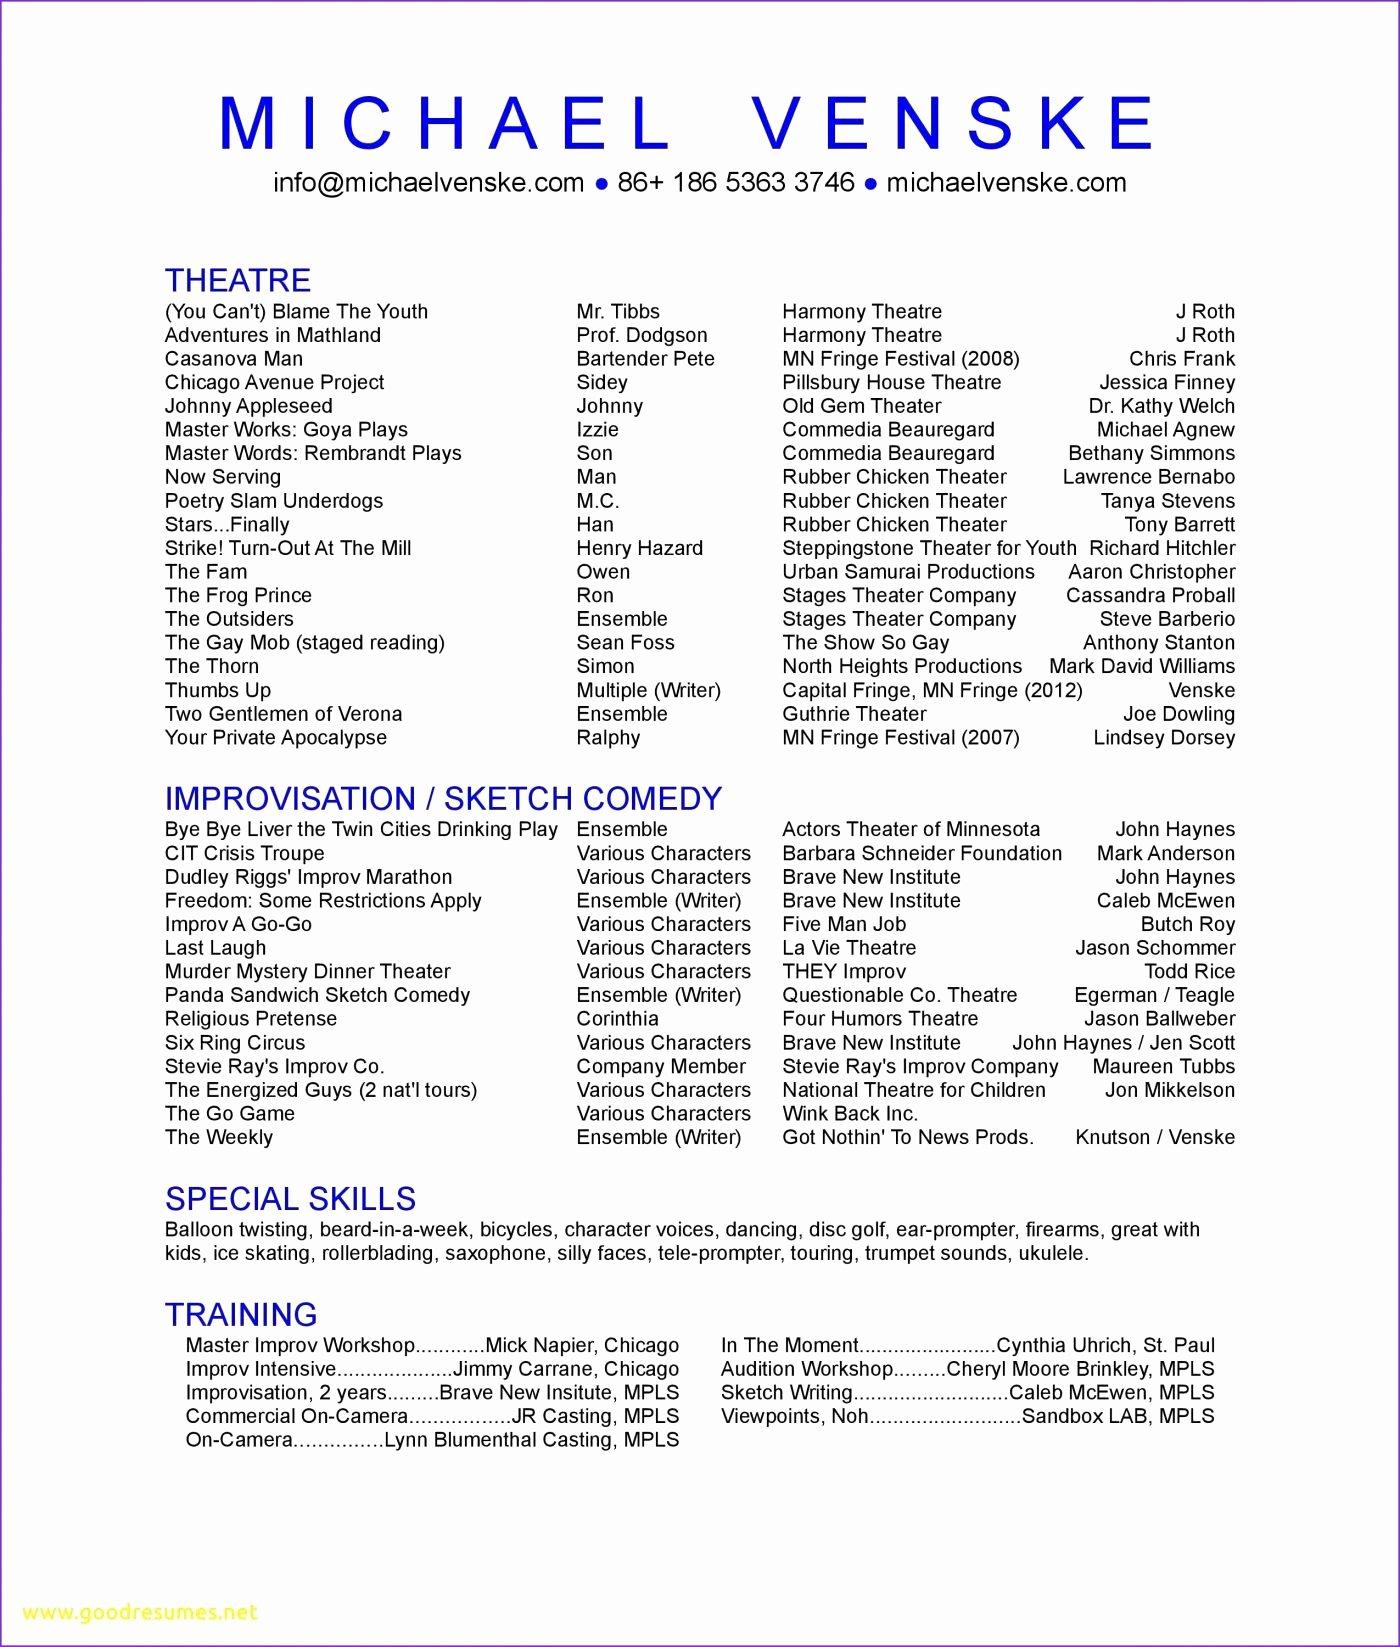 Technical theatre Resume Template Elegant Technical theatre Resumes Tech theatre Resume Template